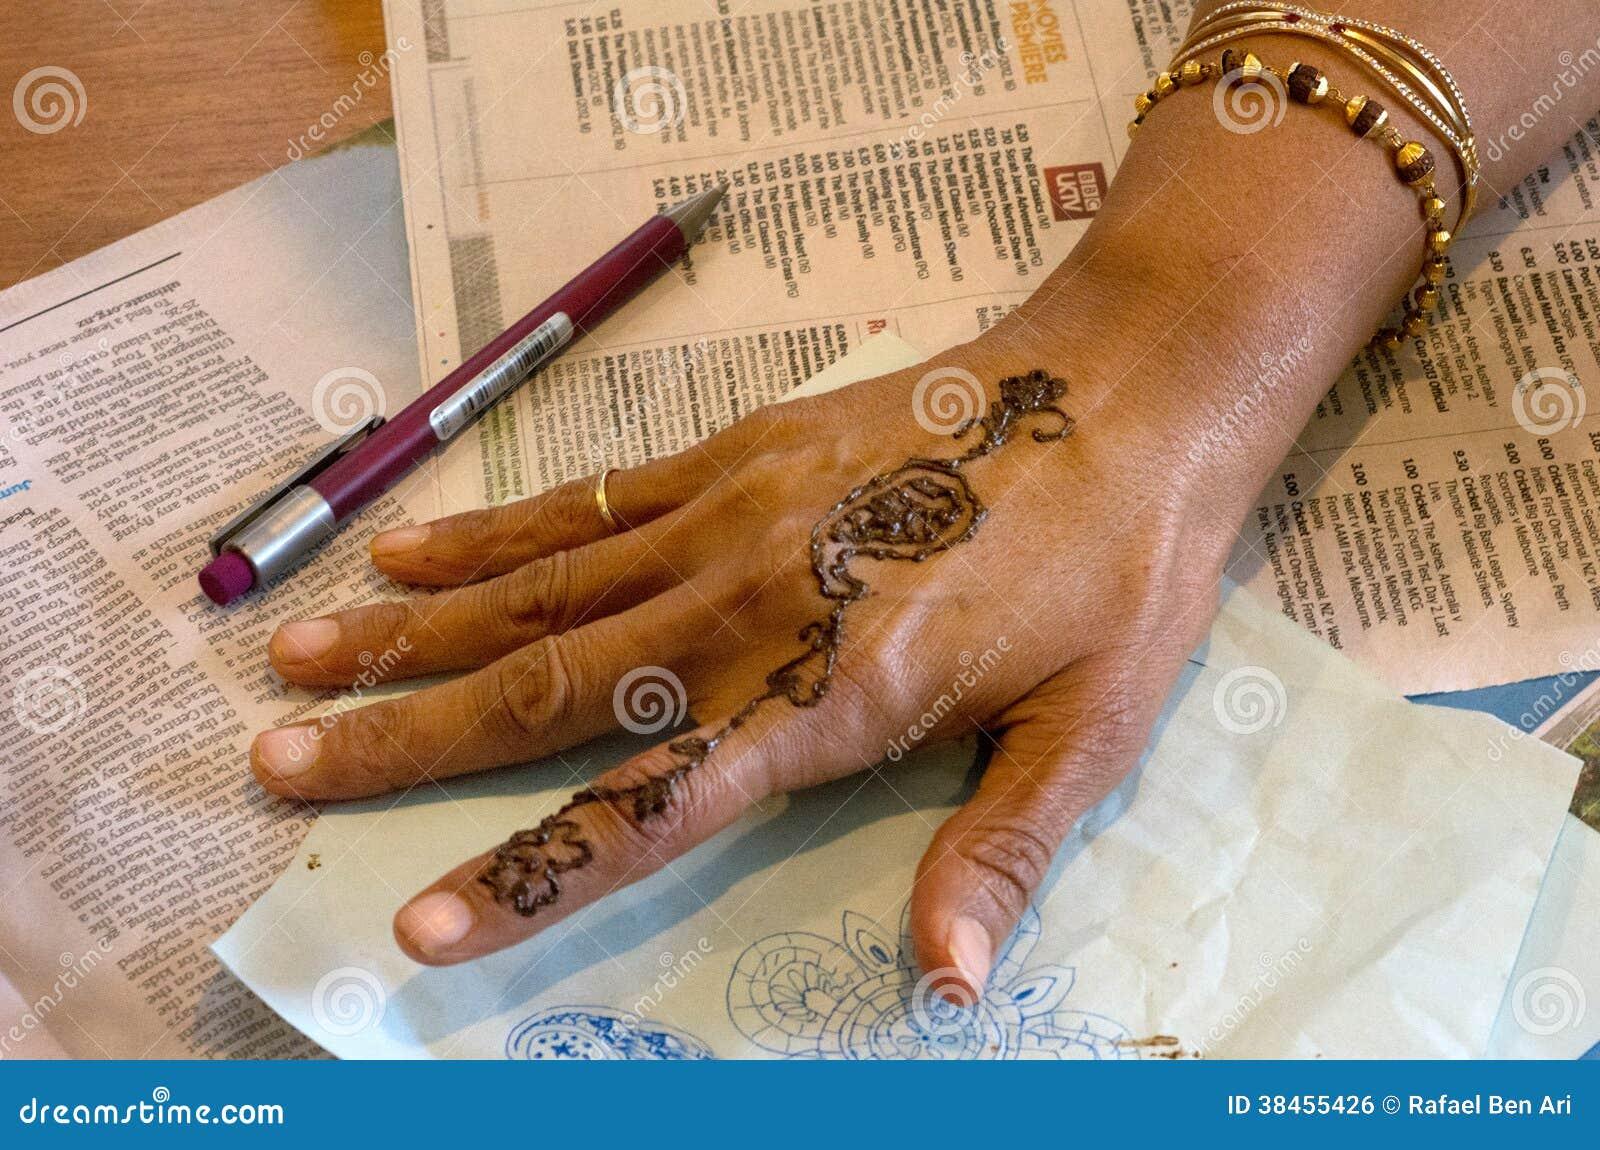 nz girls indian hand